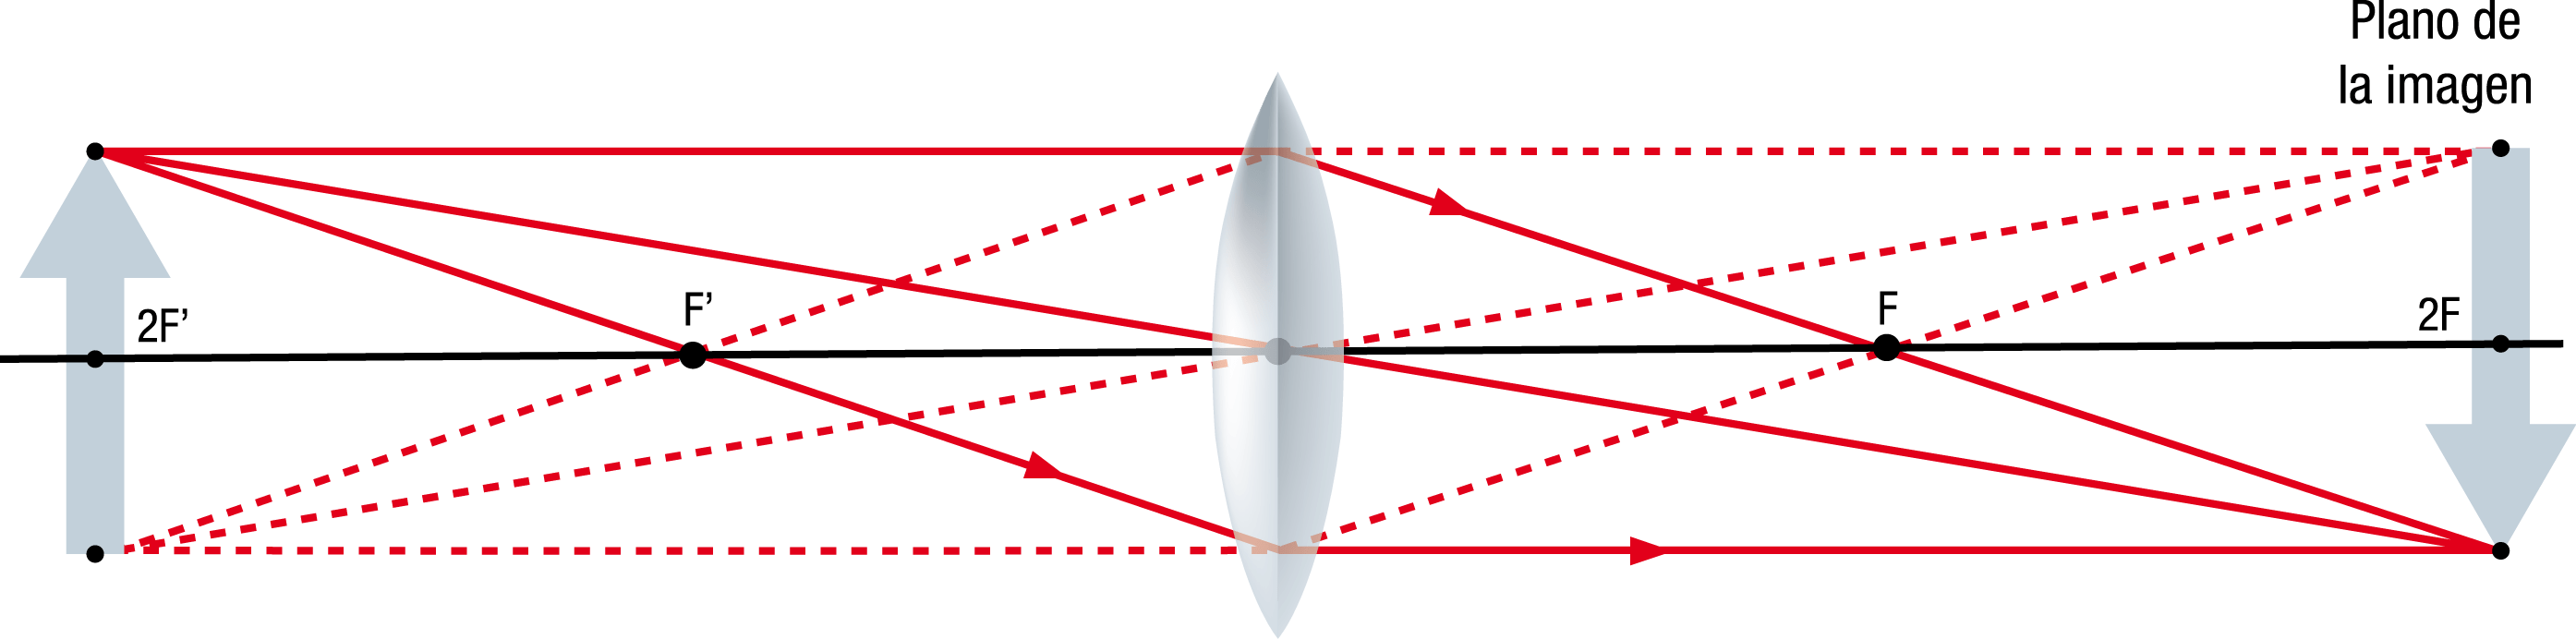 Figura32